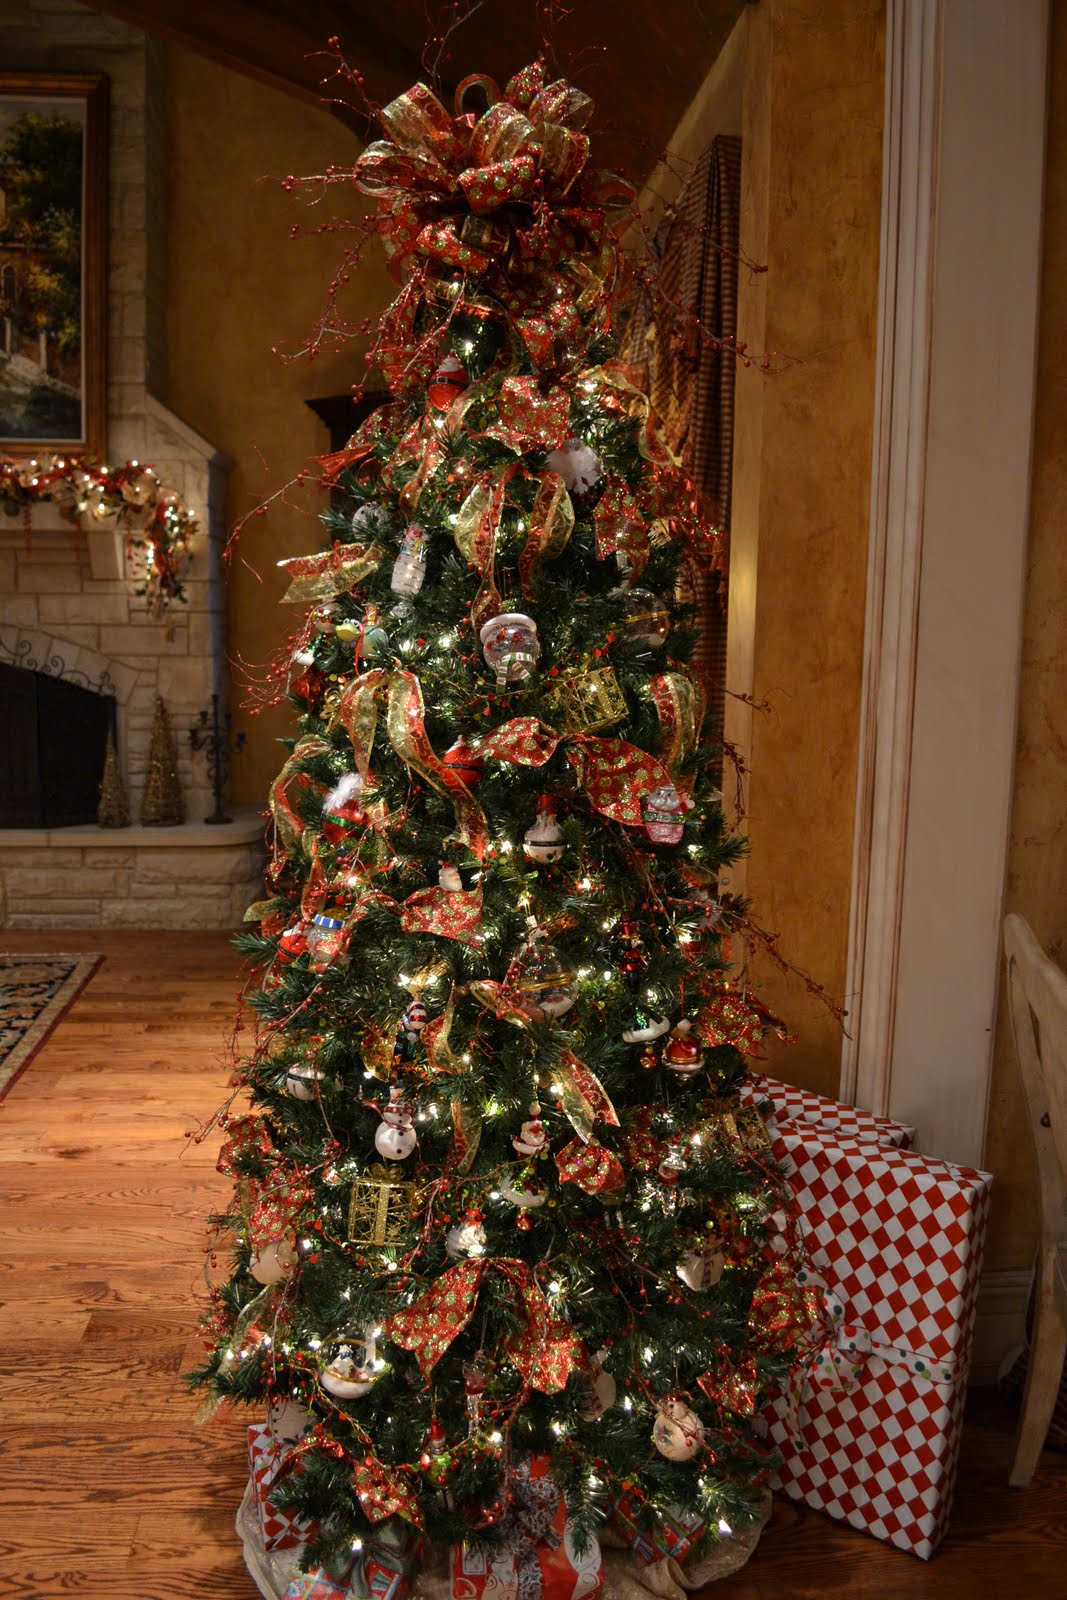 Putting Lights On A Christmas Tree